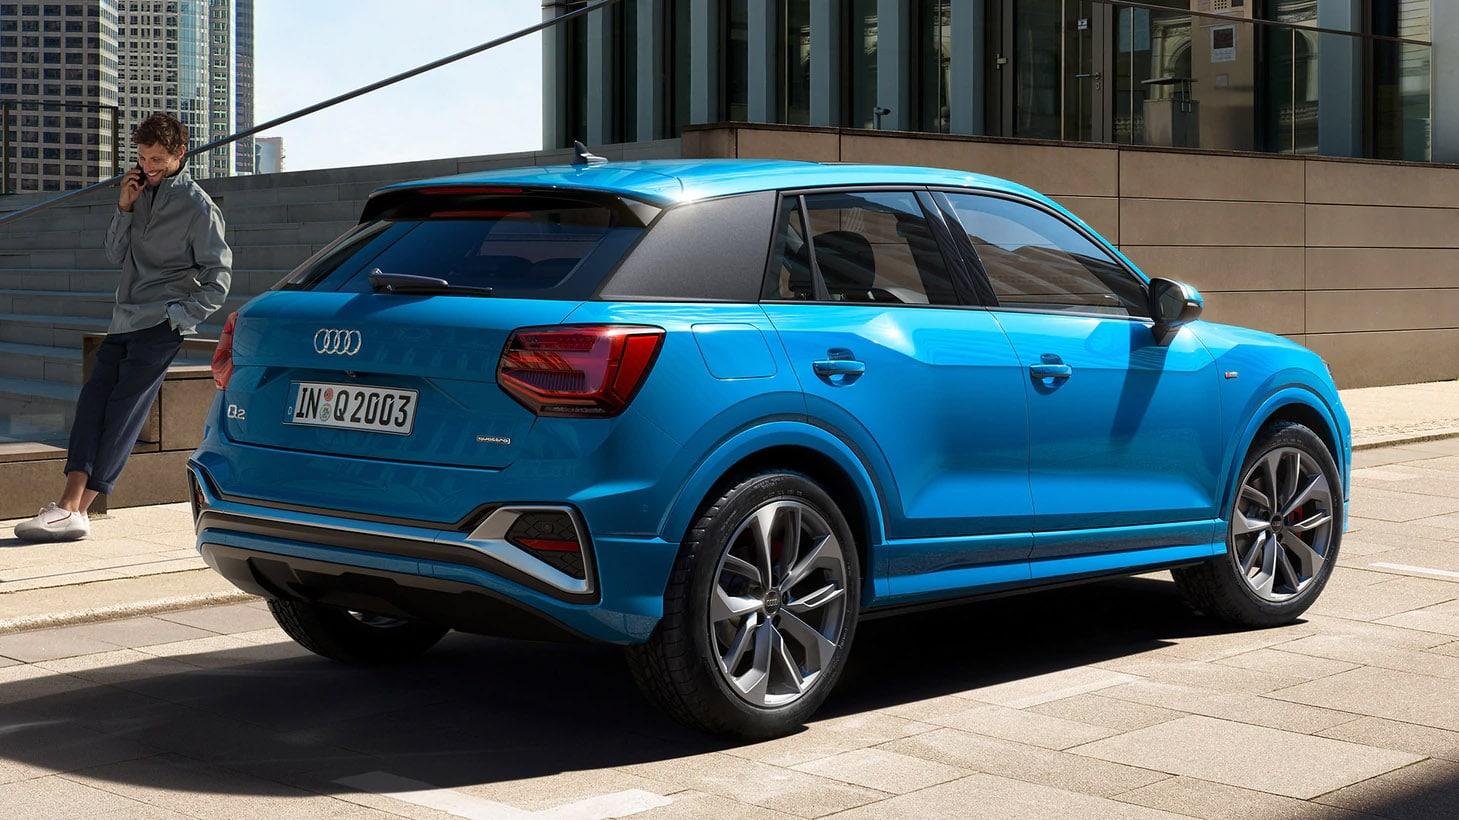 Der neue Audi Q2